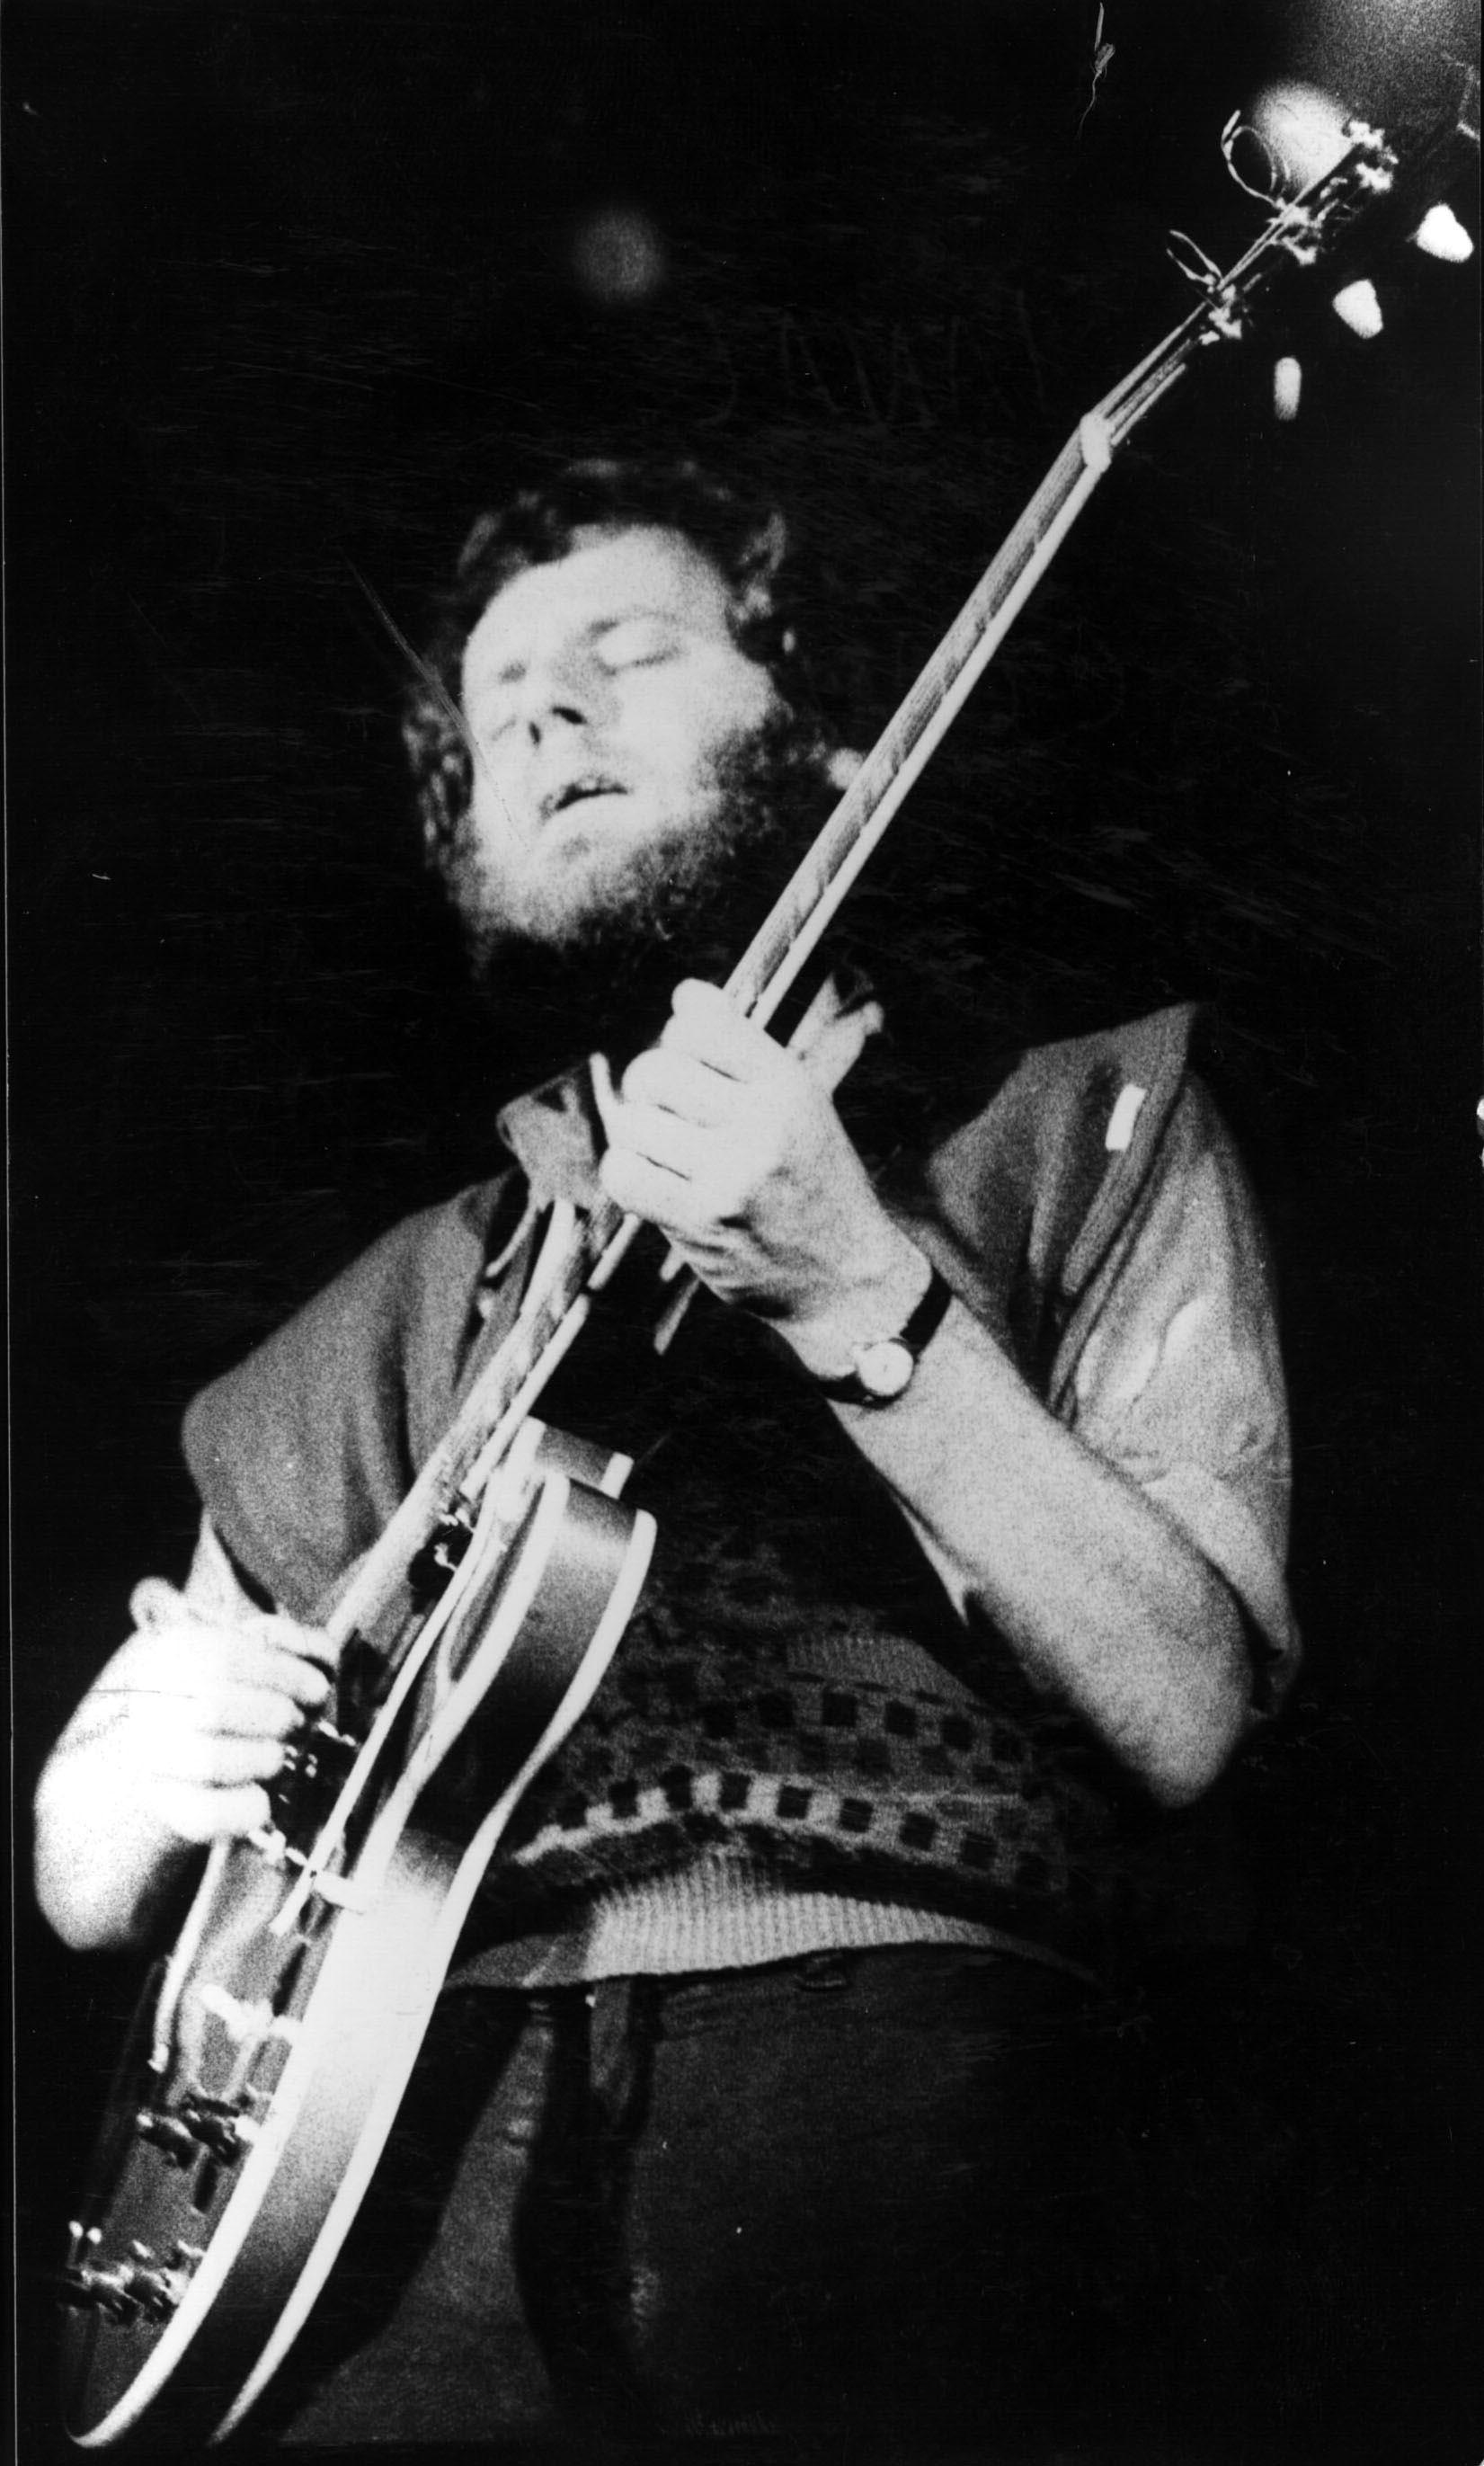 Claudio Gabis tocando en el Estadio Obras Sanitarias, Buenos Aires, Argentina (1981).